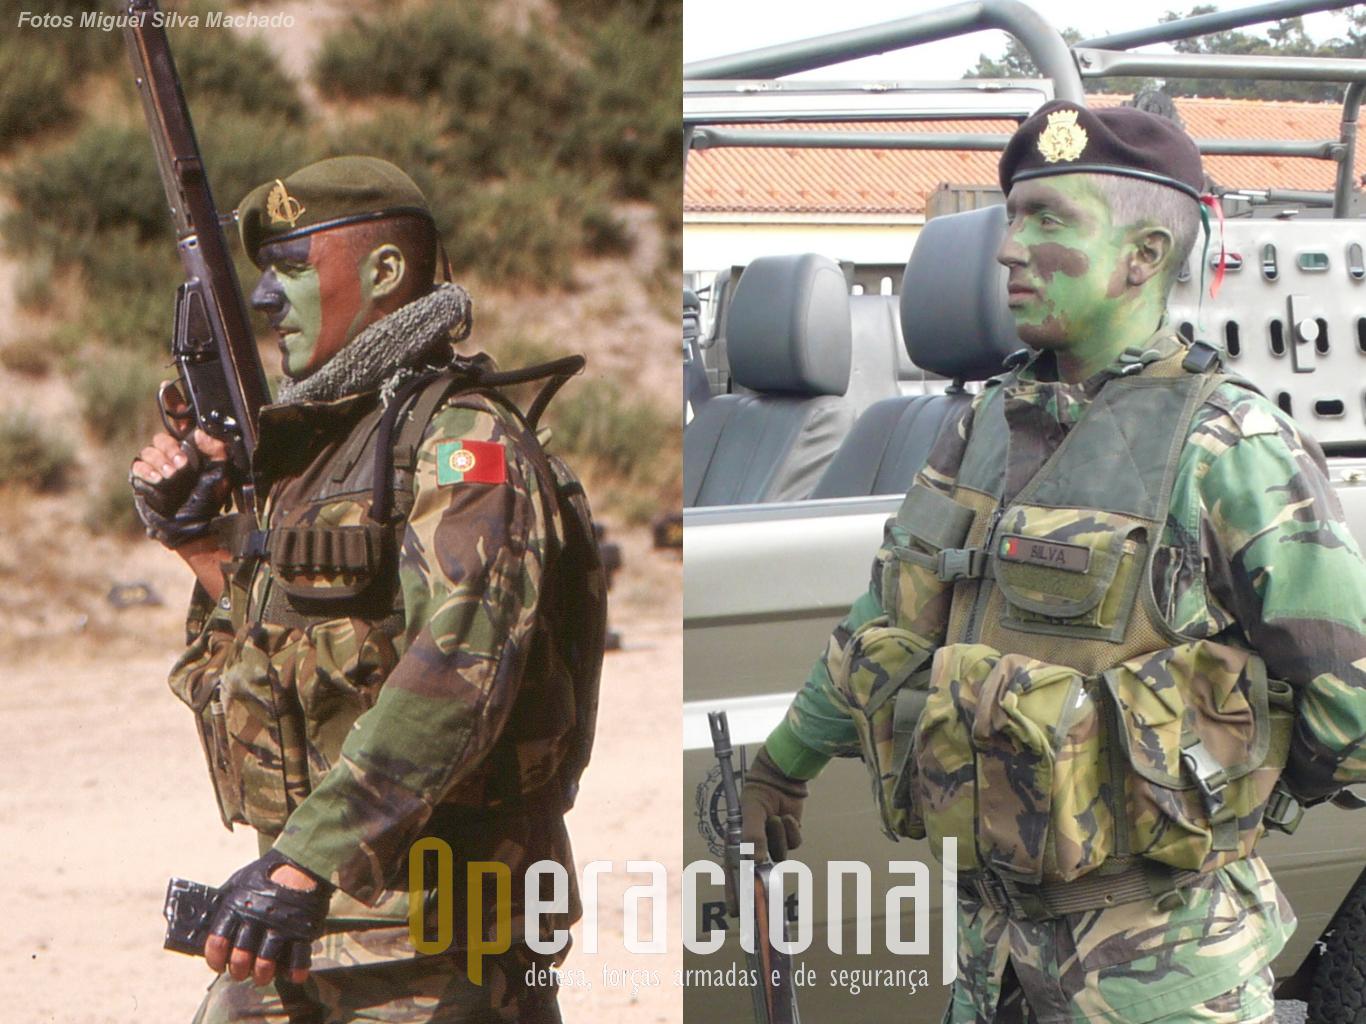 Coletes concebidos pela Milícia em parceria com as Operações Especiais do Exército  Português. Actualmente algumas 63593851510